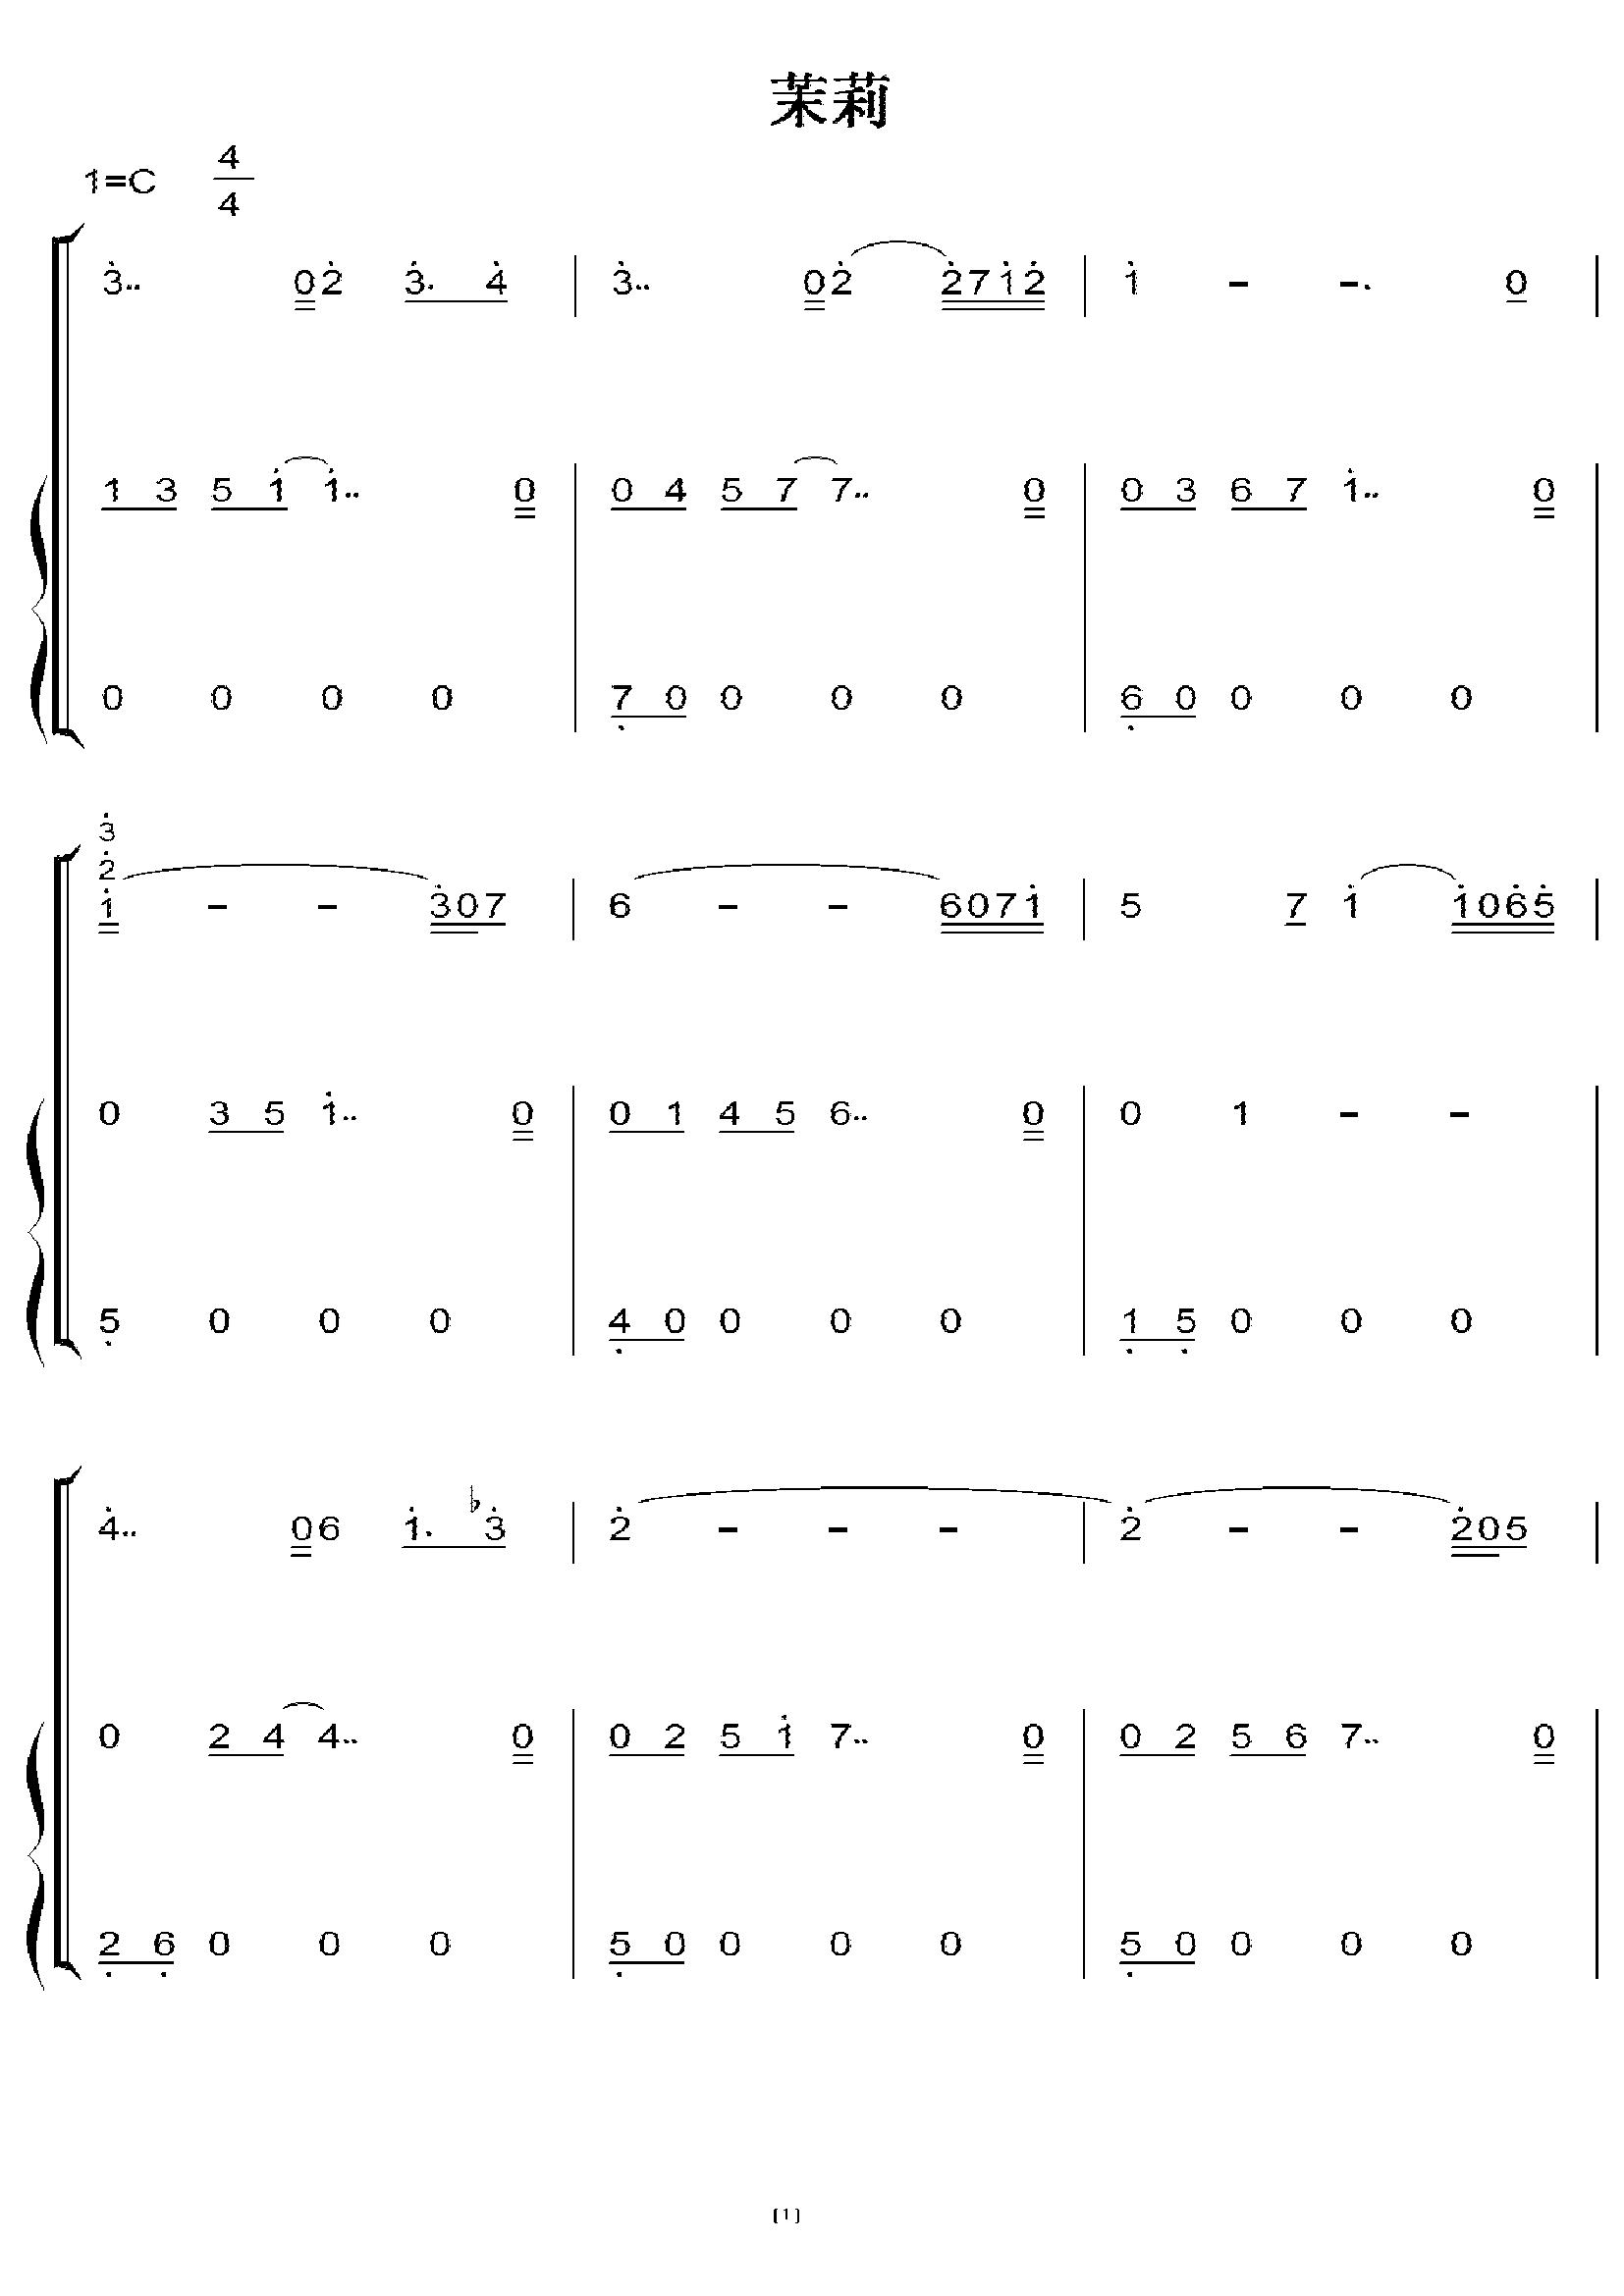 茉莉(白日梦) 初学者c调简易版 钢琴双手简谱 钢琴简谱 钢琴谱图片